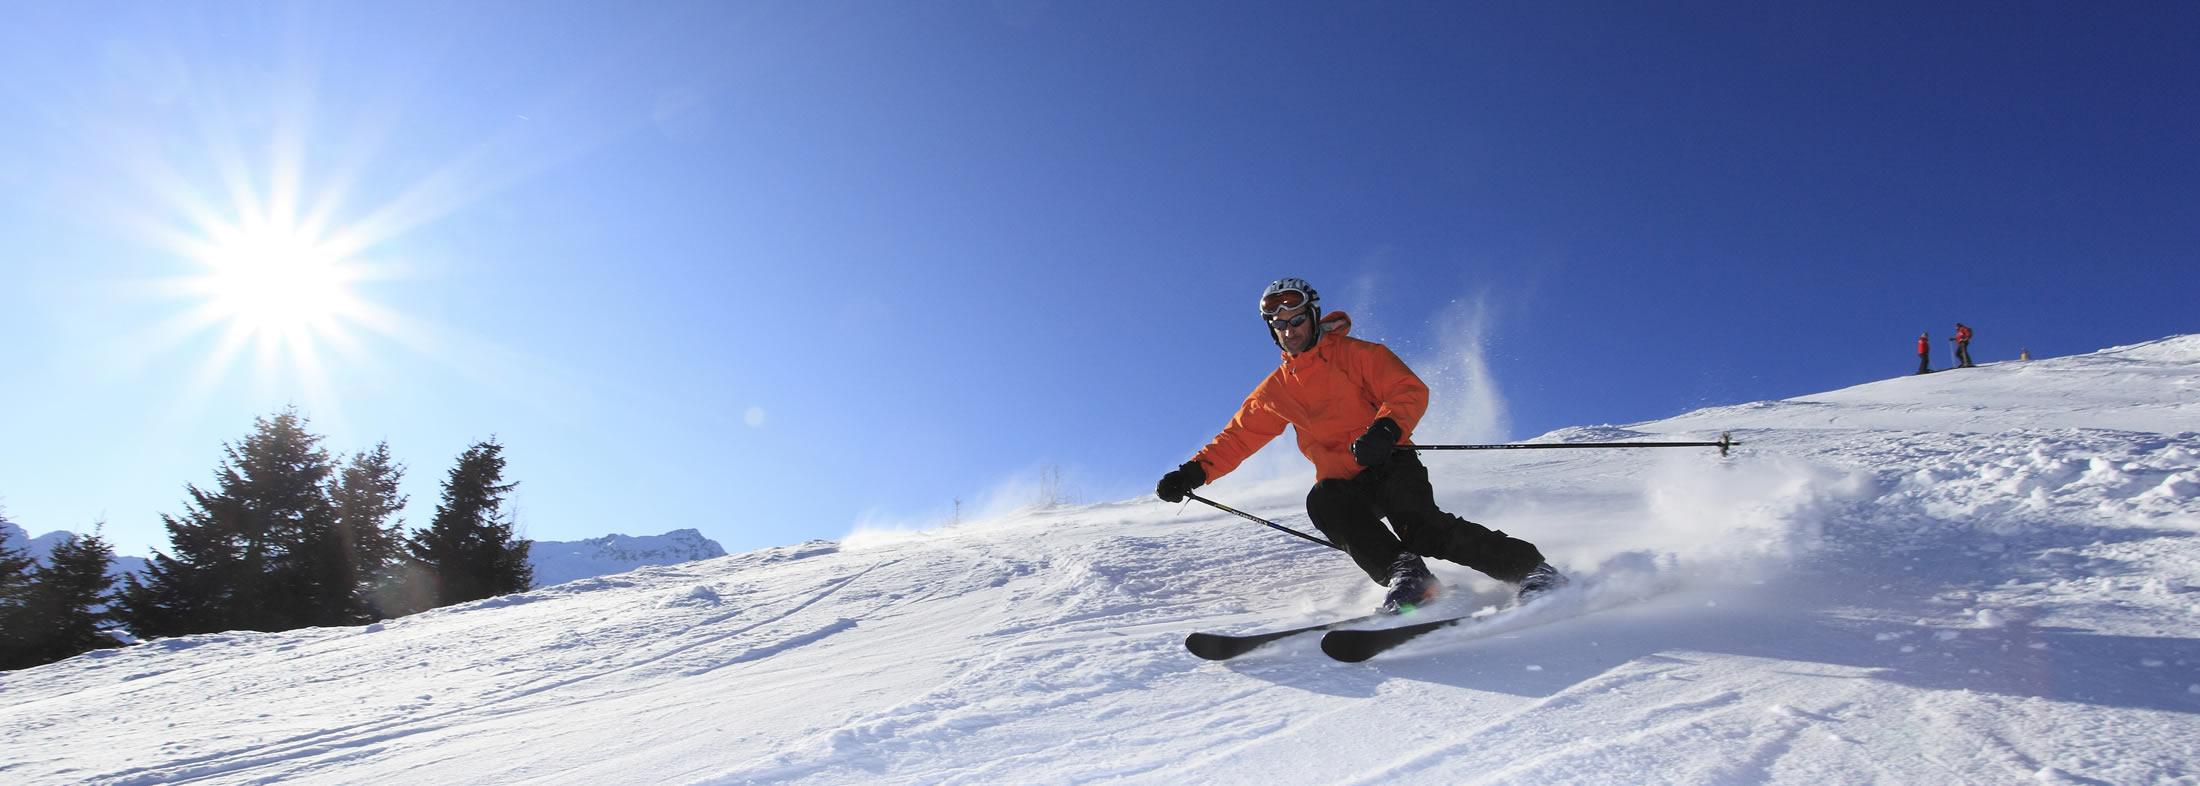 ragazzo con tuta arancione scende una montagna innevata sugli sci